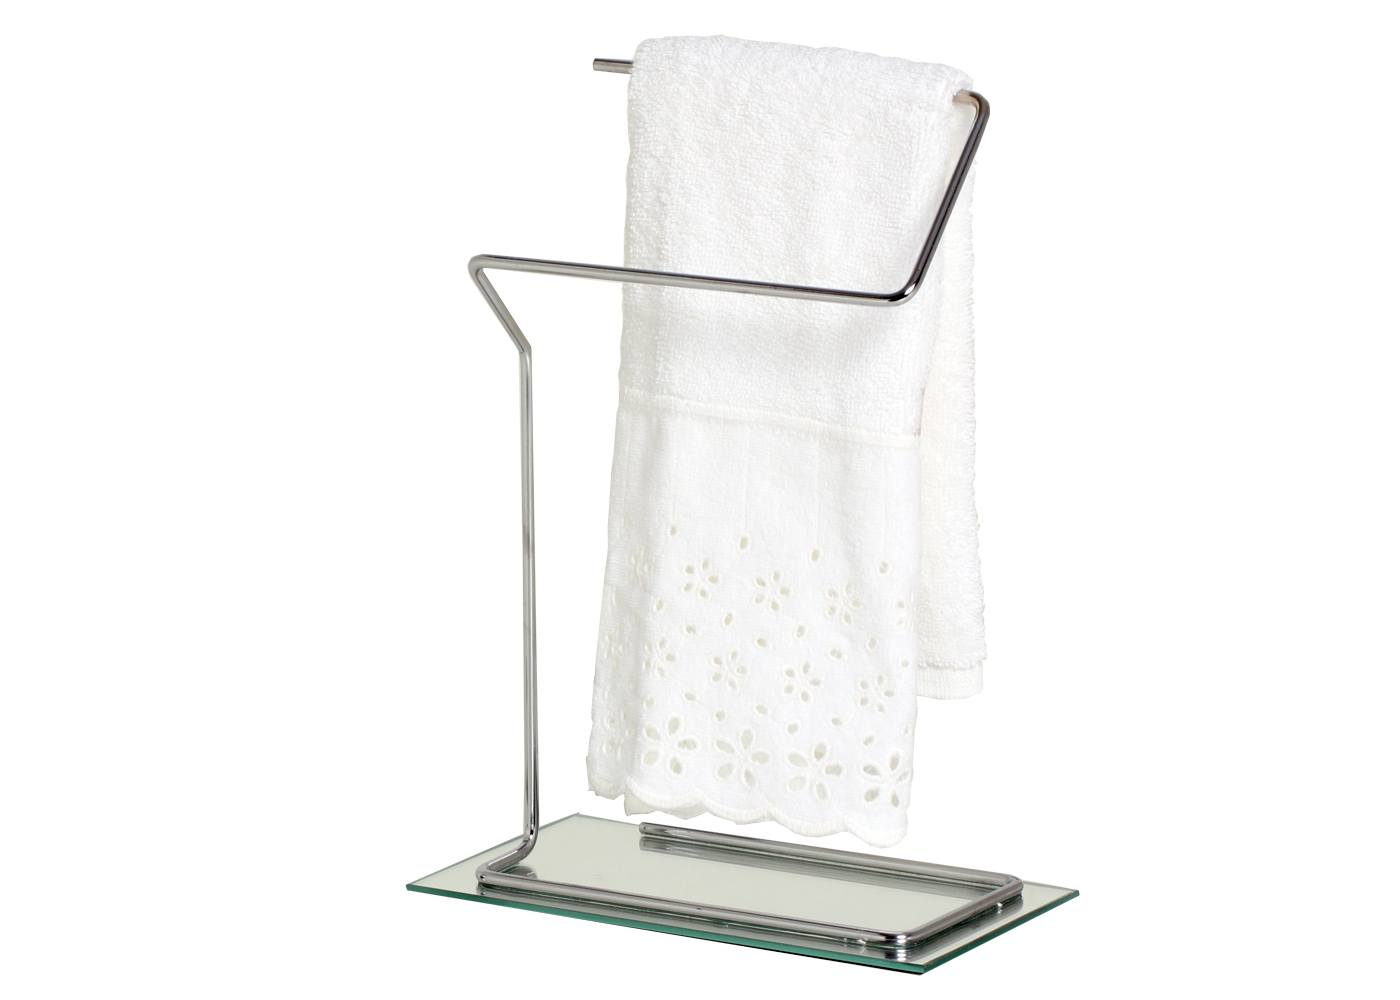 Porta Toalha  Espelhado Bancada Lavabo Toalheiro De Mão Rosto